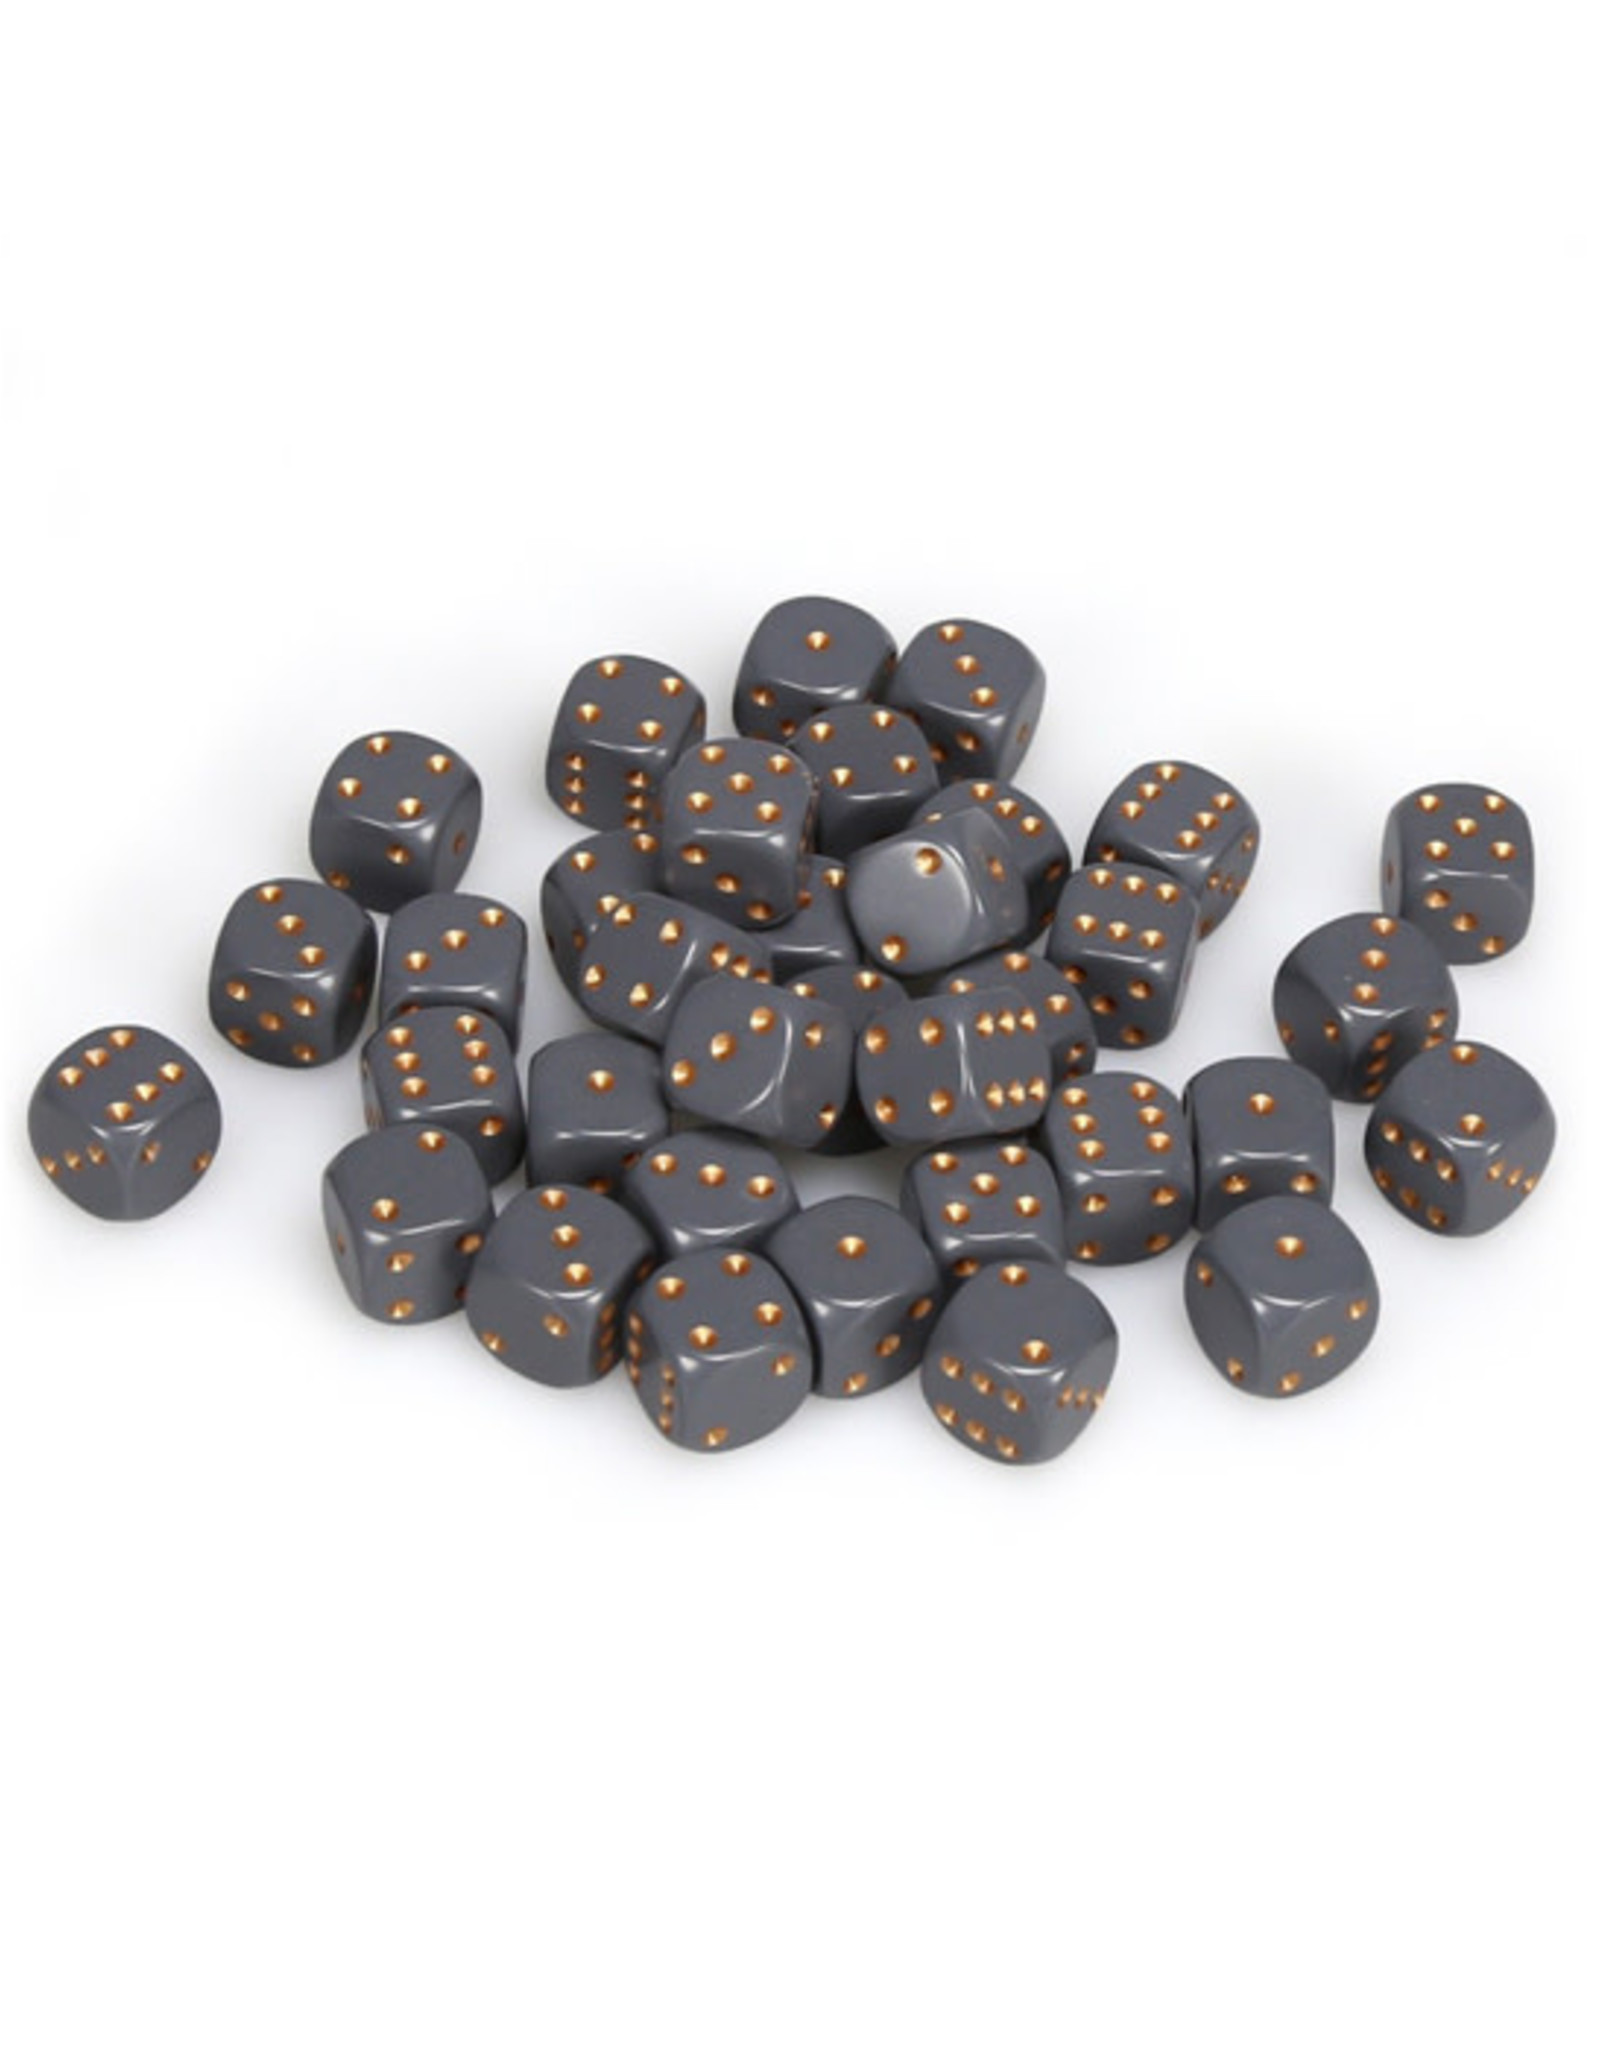 Chessex Chessex: 12mm D6 - Opaque - Dark Grey w/ Copper